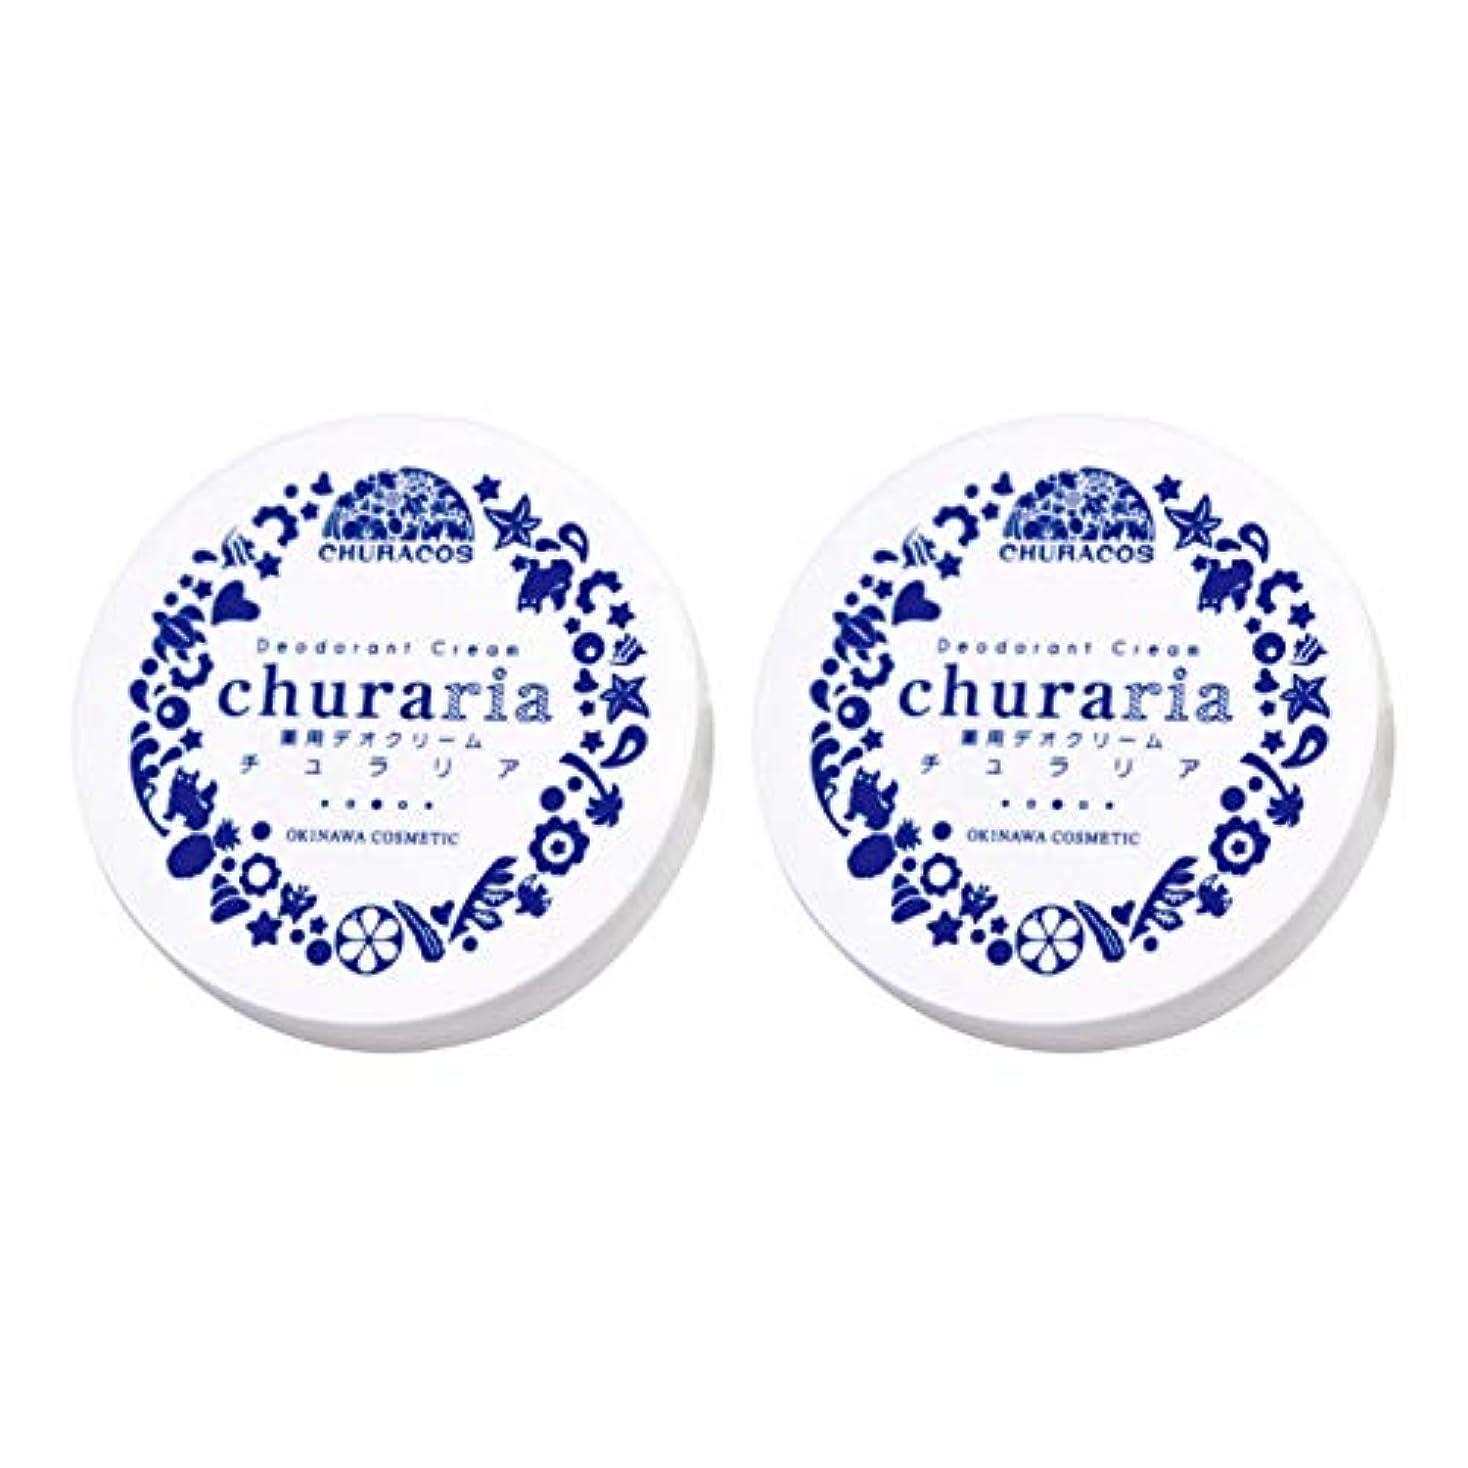 口径不適観光に行くチュラコス 薬用デオドラントクリーム チュラリア 27g 制汗剤 わきが デリケート (2個)